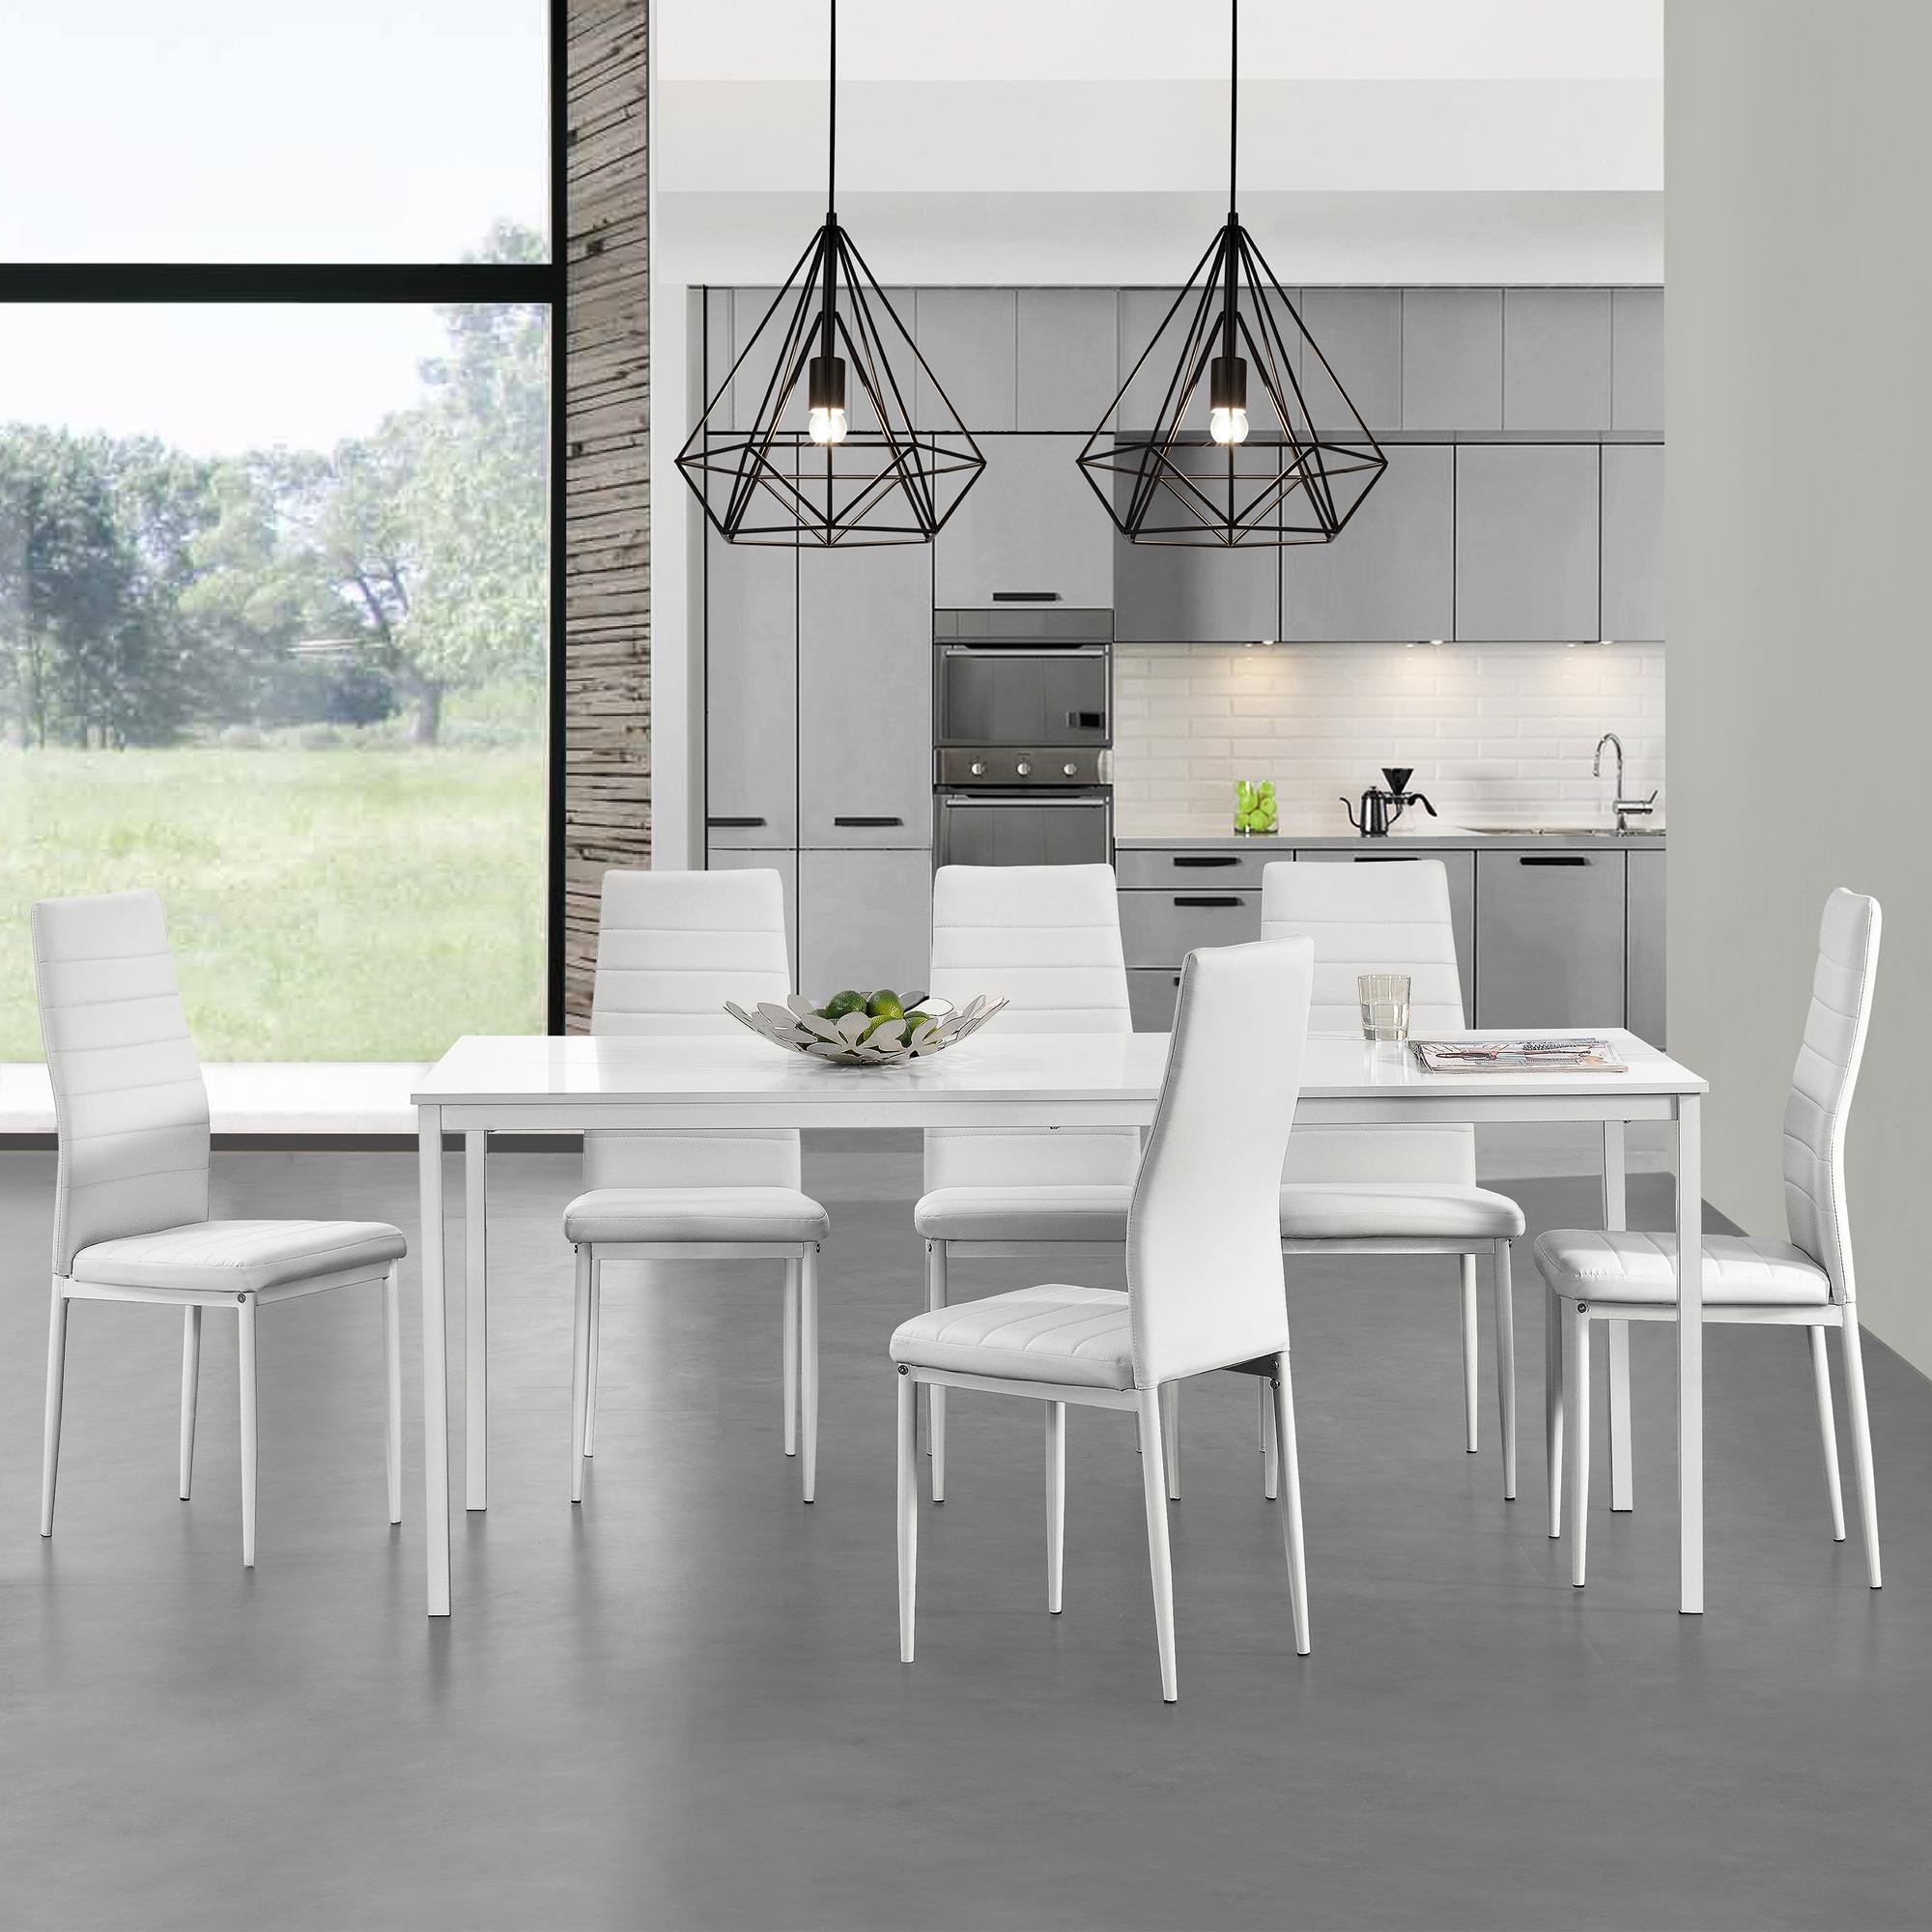 Esstisch mit 6 Stühlen weiß 180x80cm Küchentisch Esszimmertisch | eBay